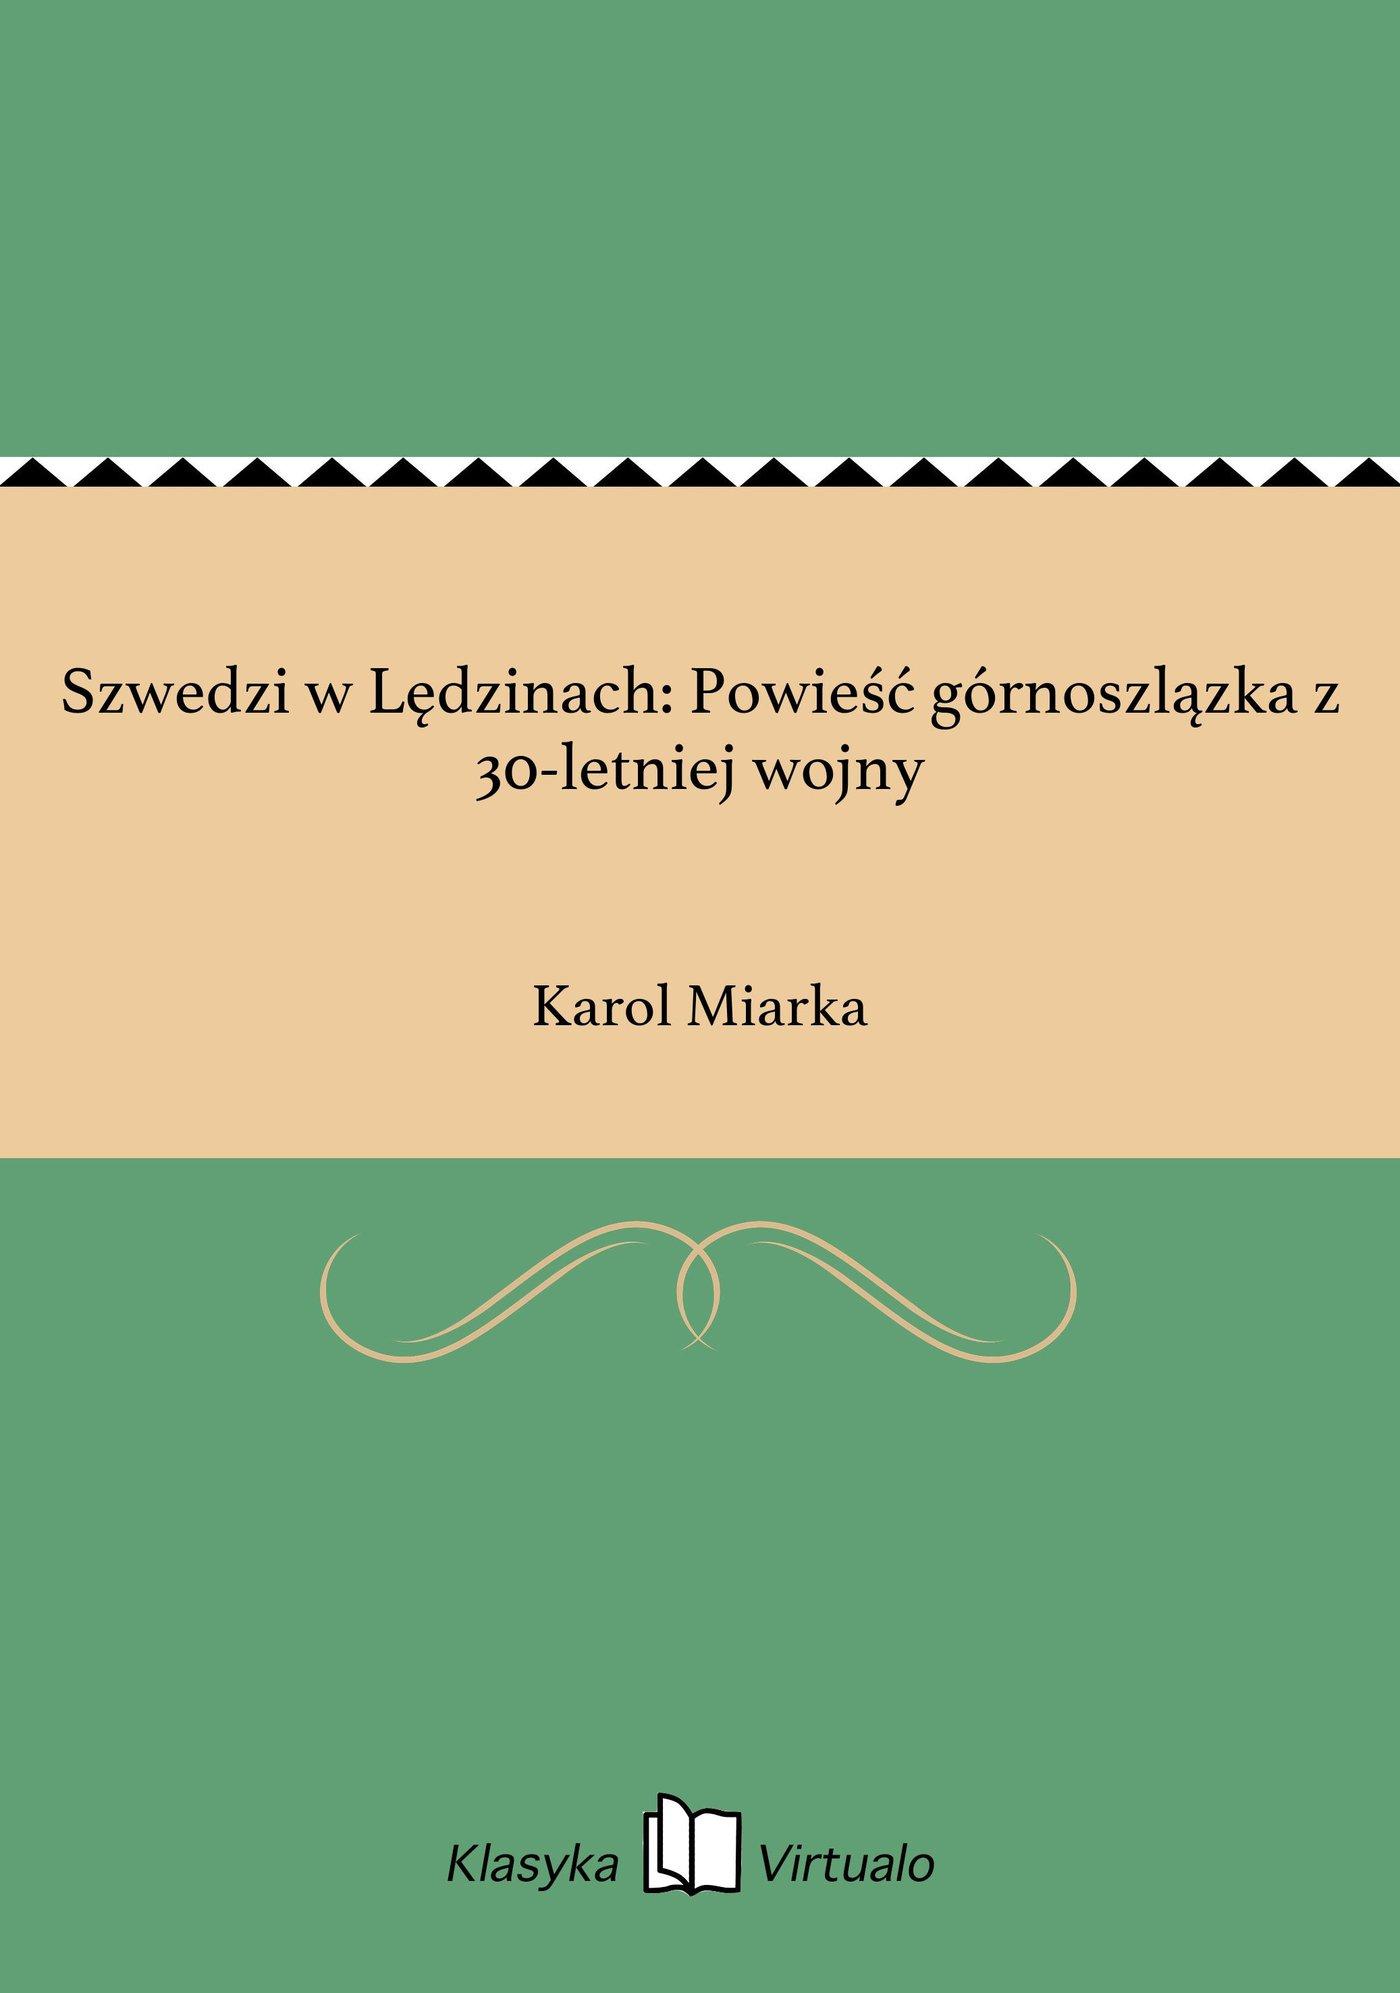 Szwedzi w Lędzinach: Powieść górnoszlązka z 30-letniej wojny - Ebook (Książka EPUB) do pobrania w formacie EPUB